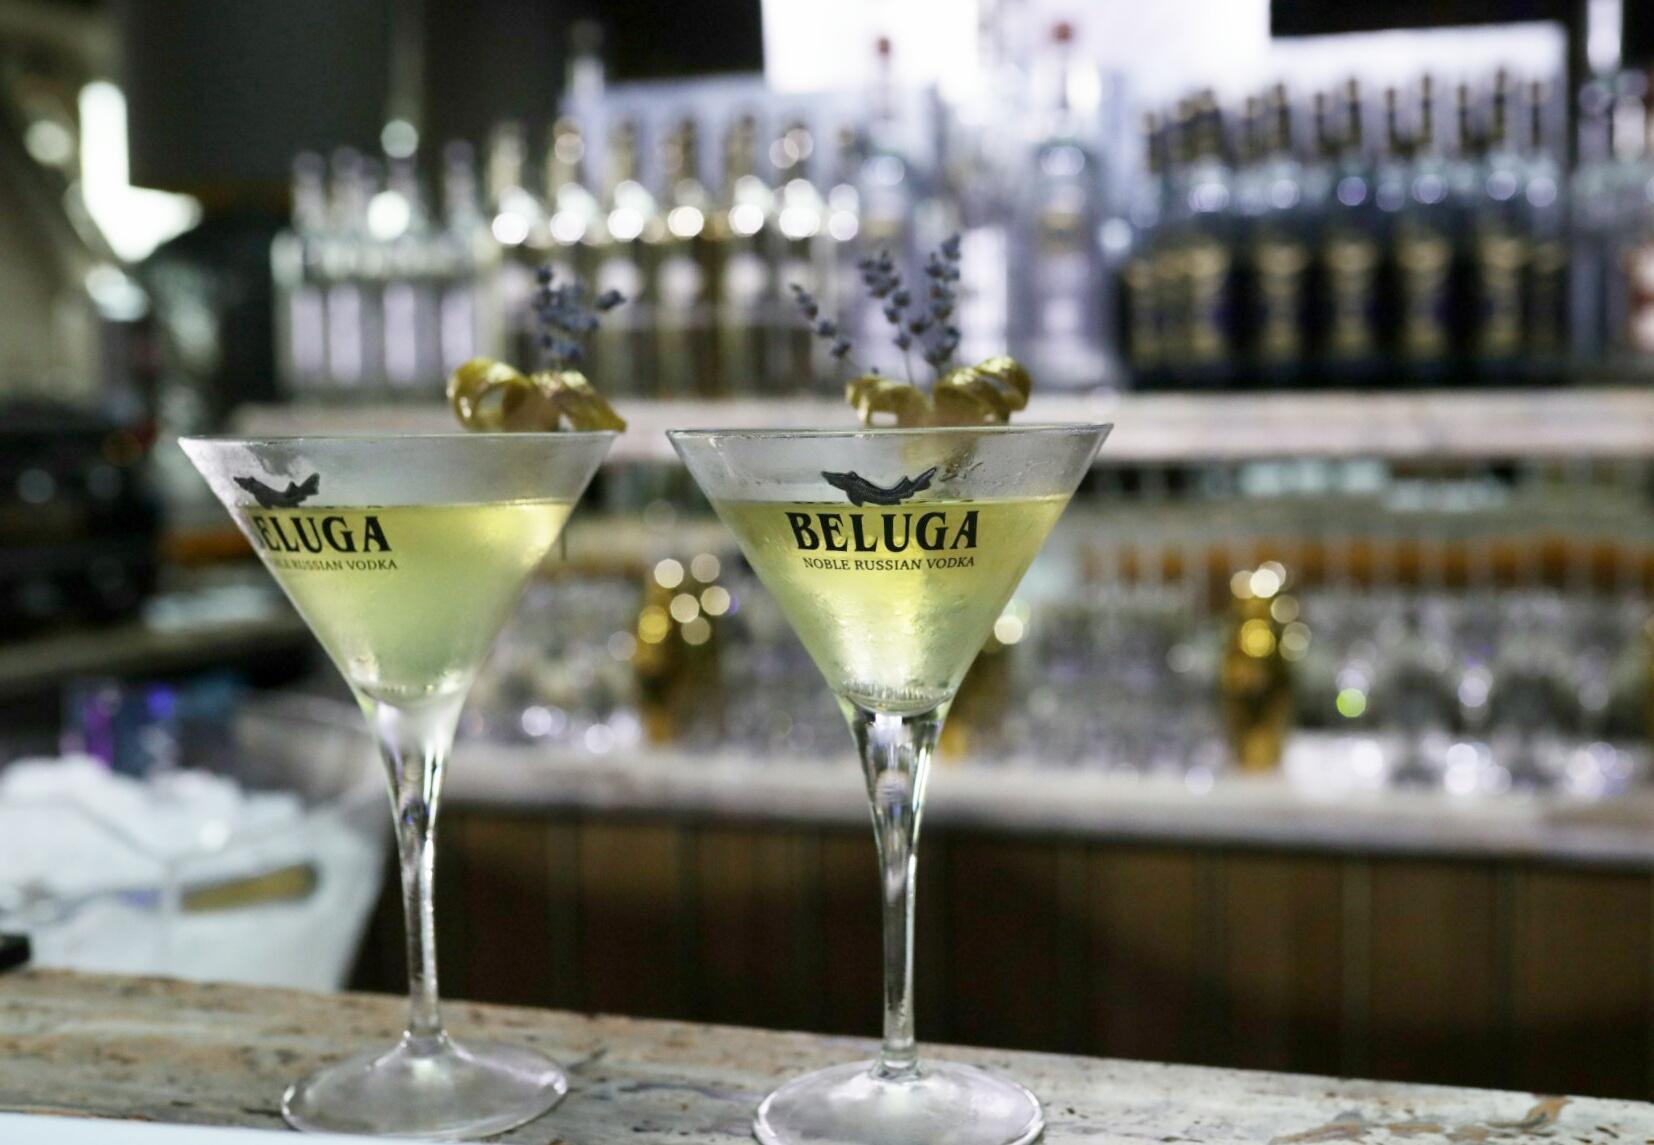 конкурсный коктейль Beluga's Golden Welcome с пряным ароматом из ноток чая, сухой травы и табака.